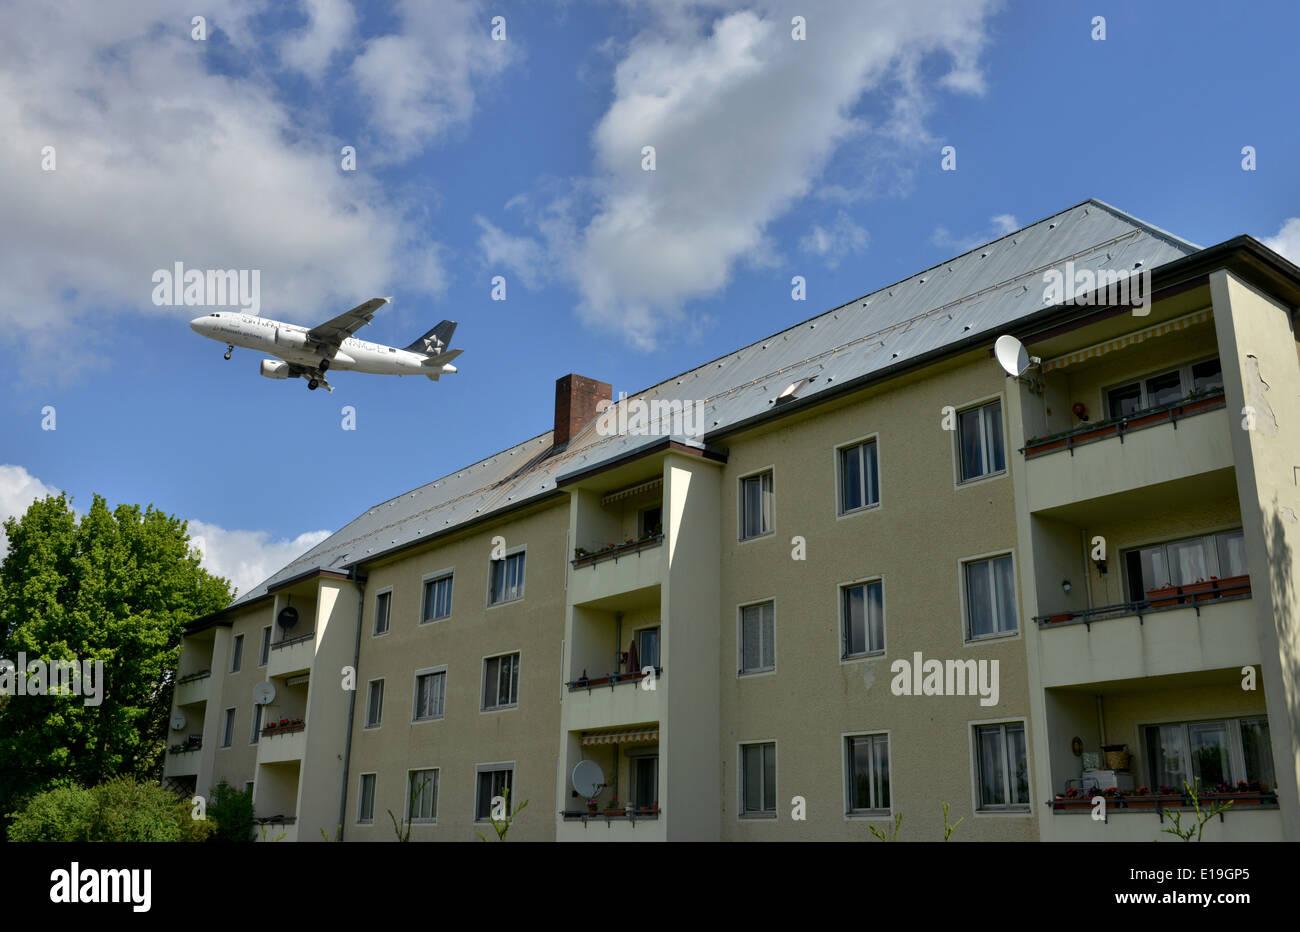 Fluglaerm, Flugzeug, Wohnhaus, Kurt-Schumacher-Damm, Tegel, Berlin, Deutschland / Fluglärm - Stock Image